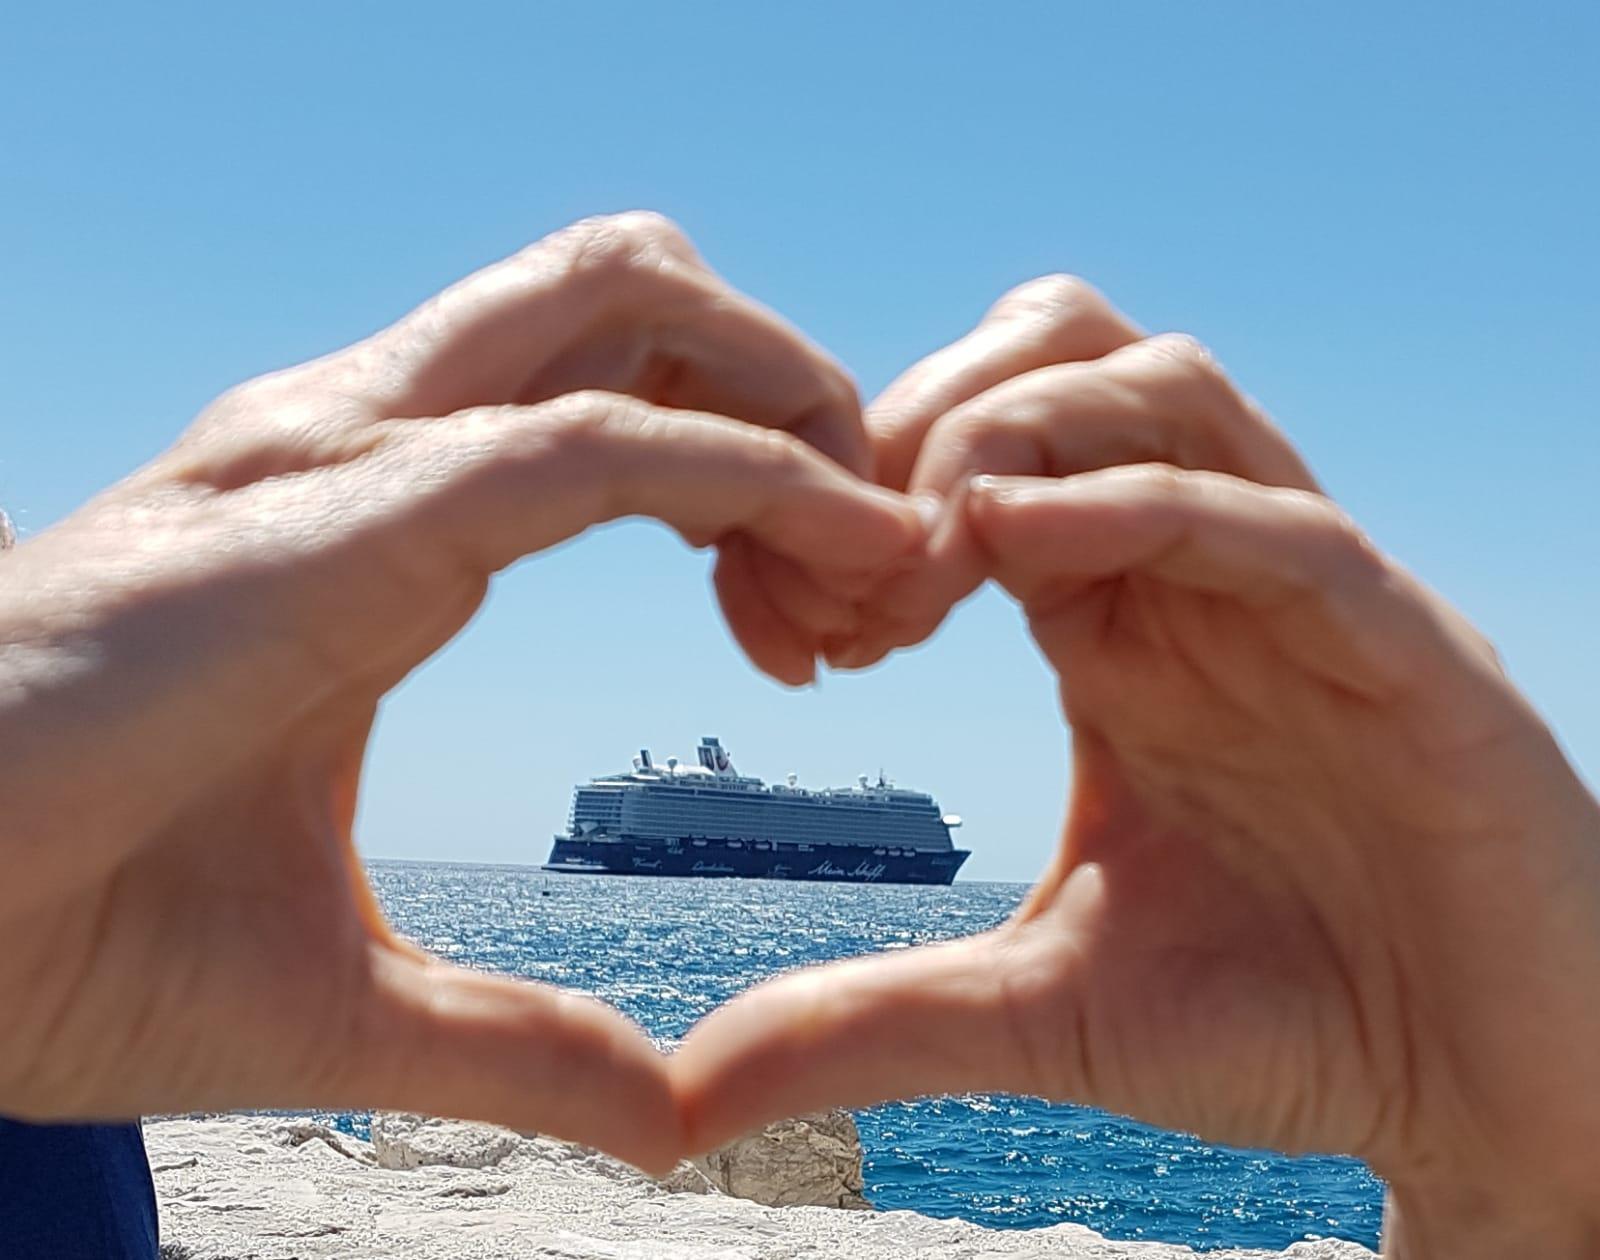 Mein Schiff Reisebericht: Mit der Mein Schiff 6 Mittelmeerperlen erleben